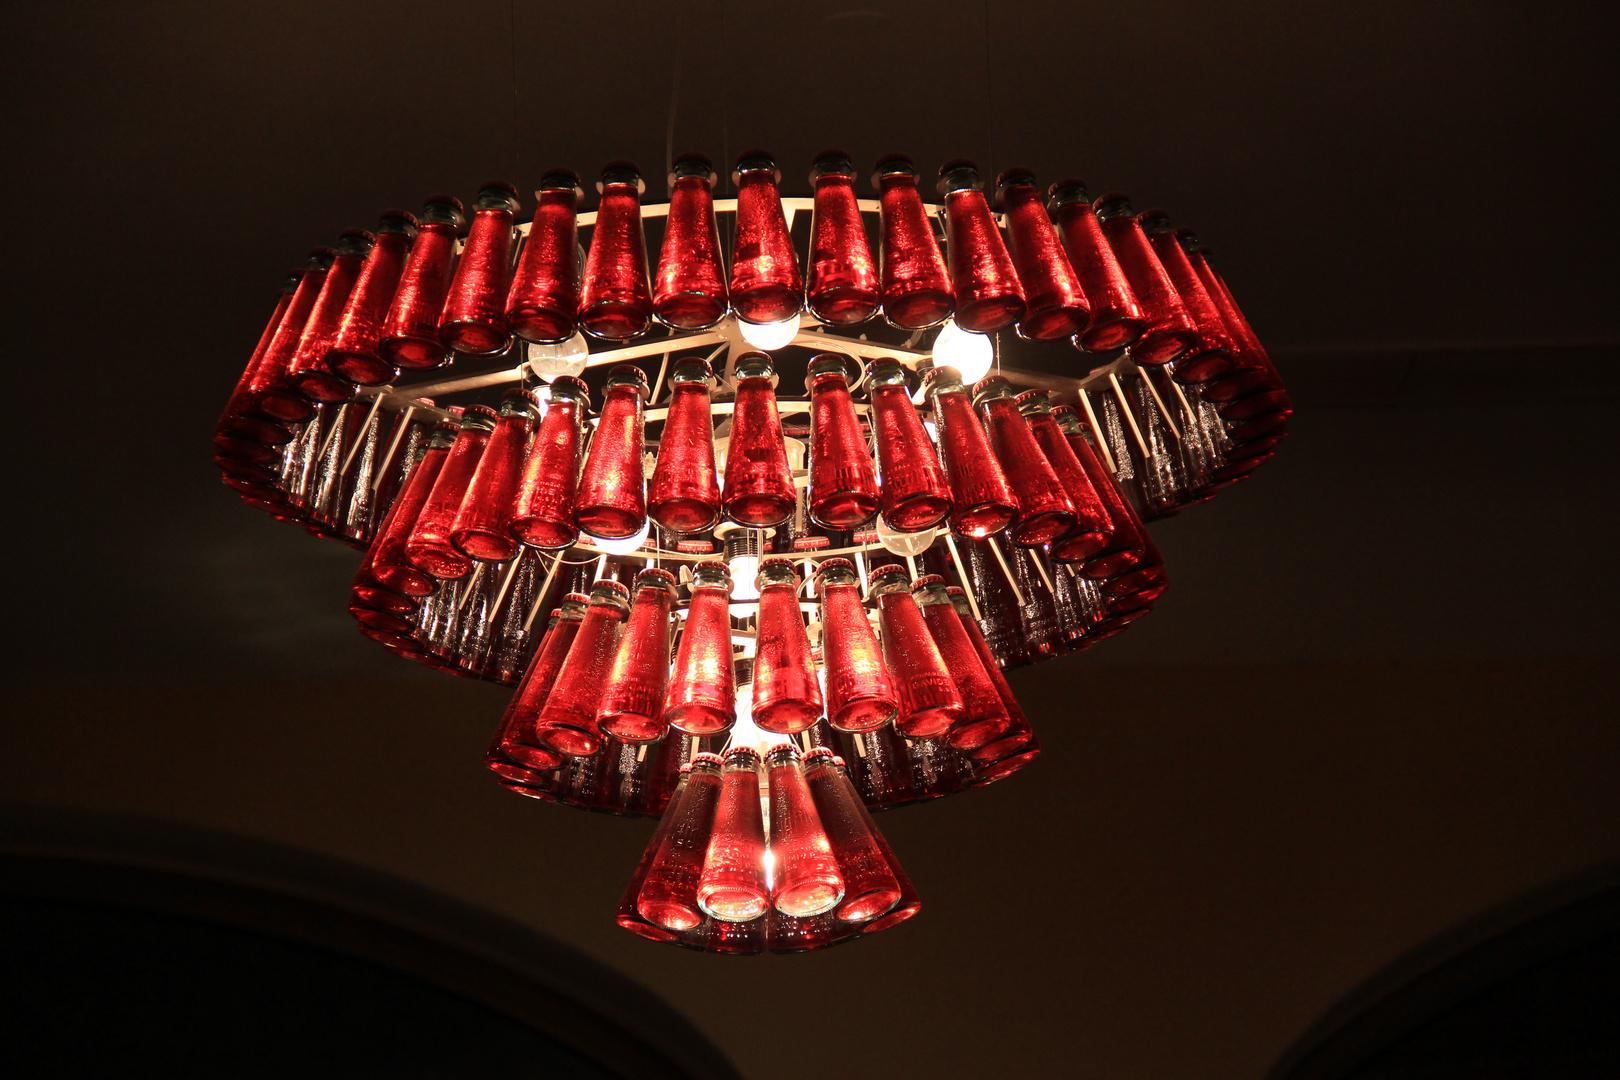 Deckenlampe in einer Münchener Gaststätte